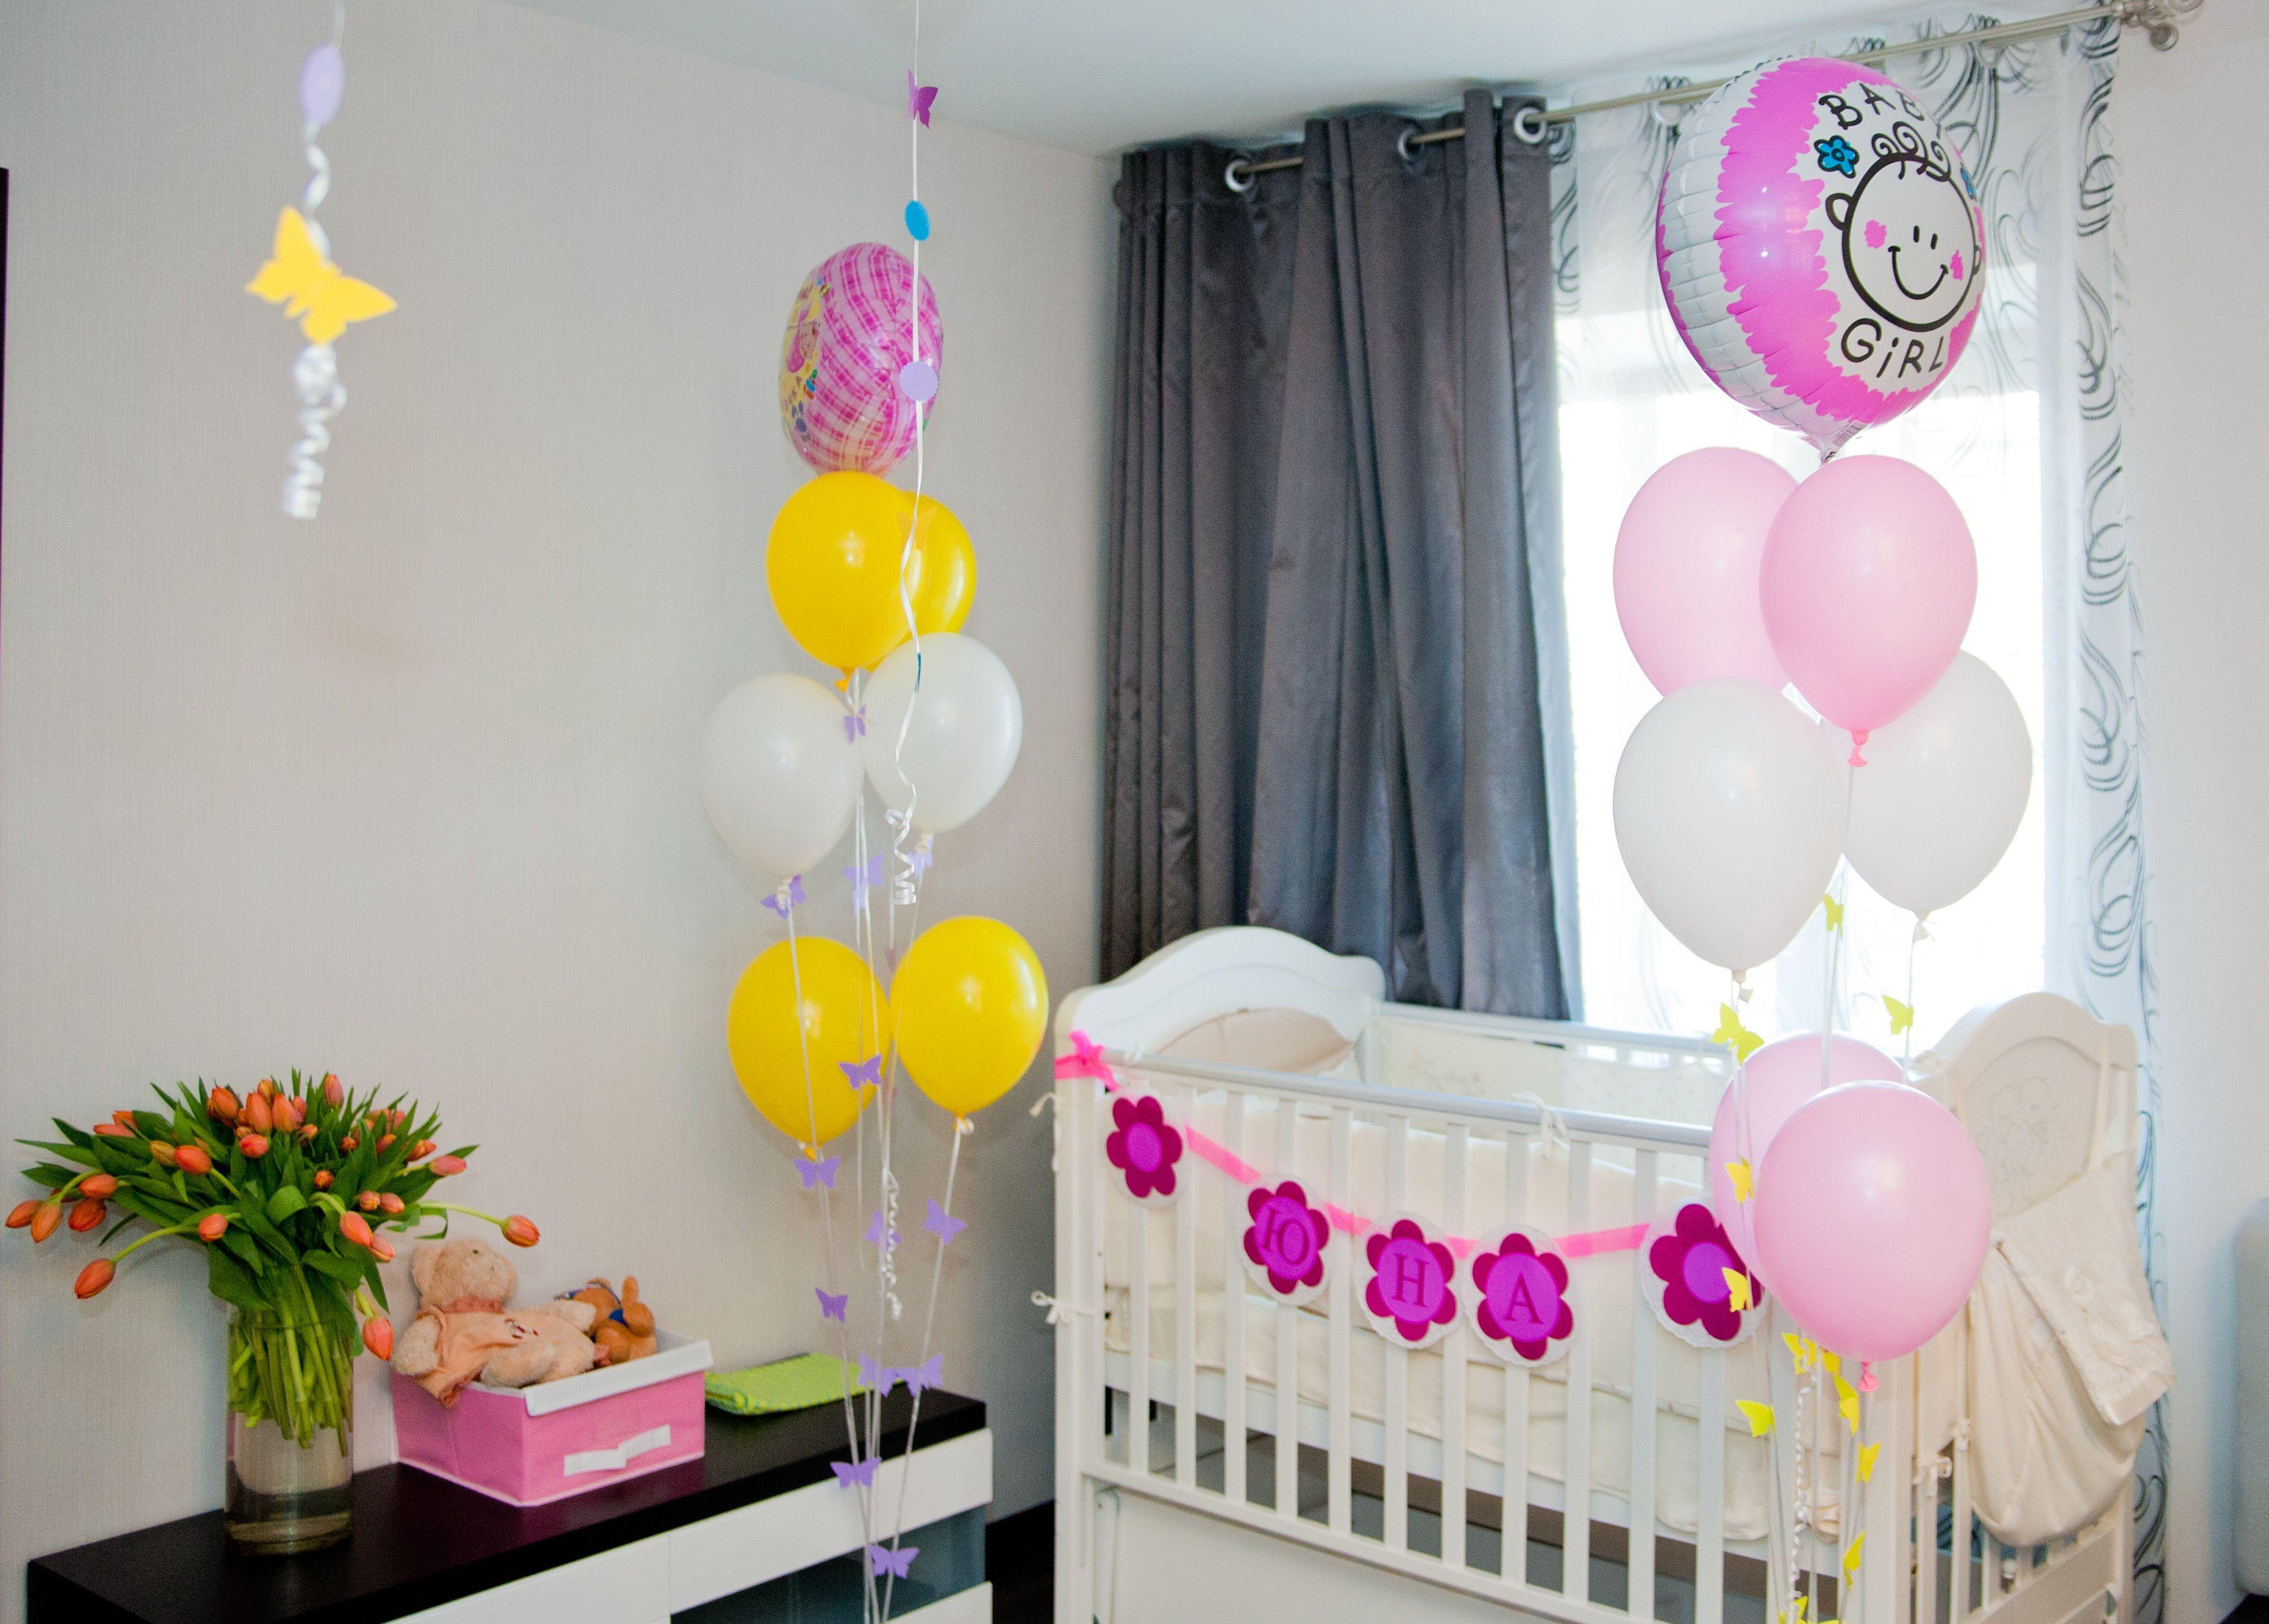 Как украсить комнату на день рождения ребенка 10 год своими руками фото фото 99